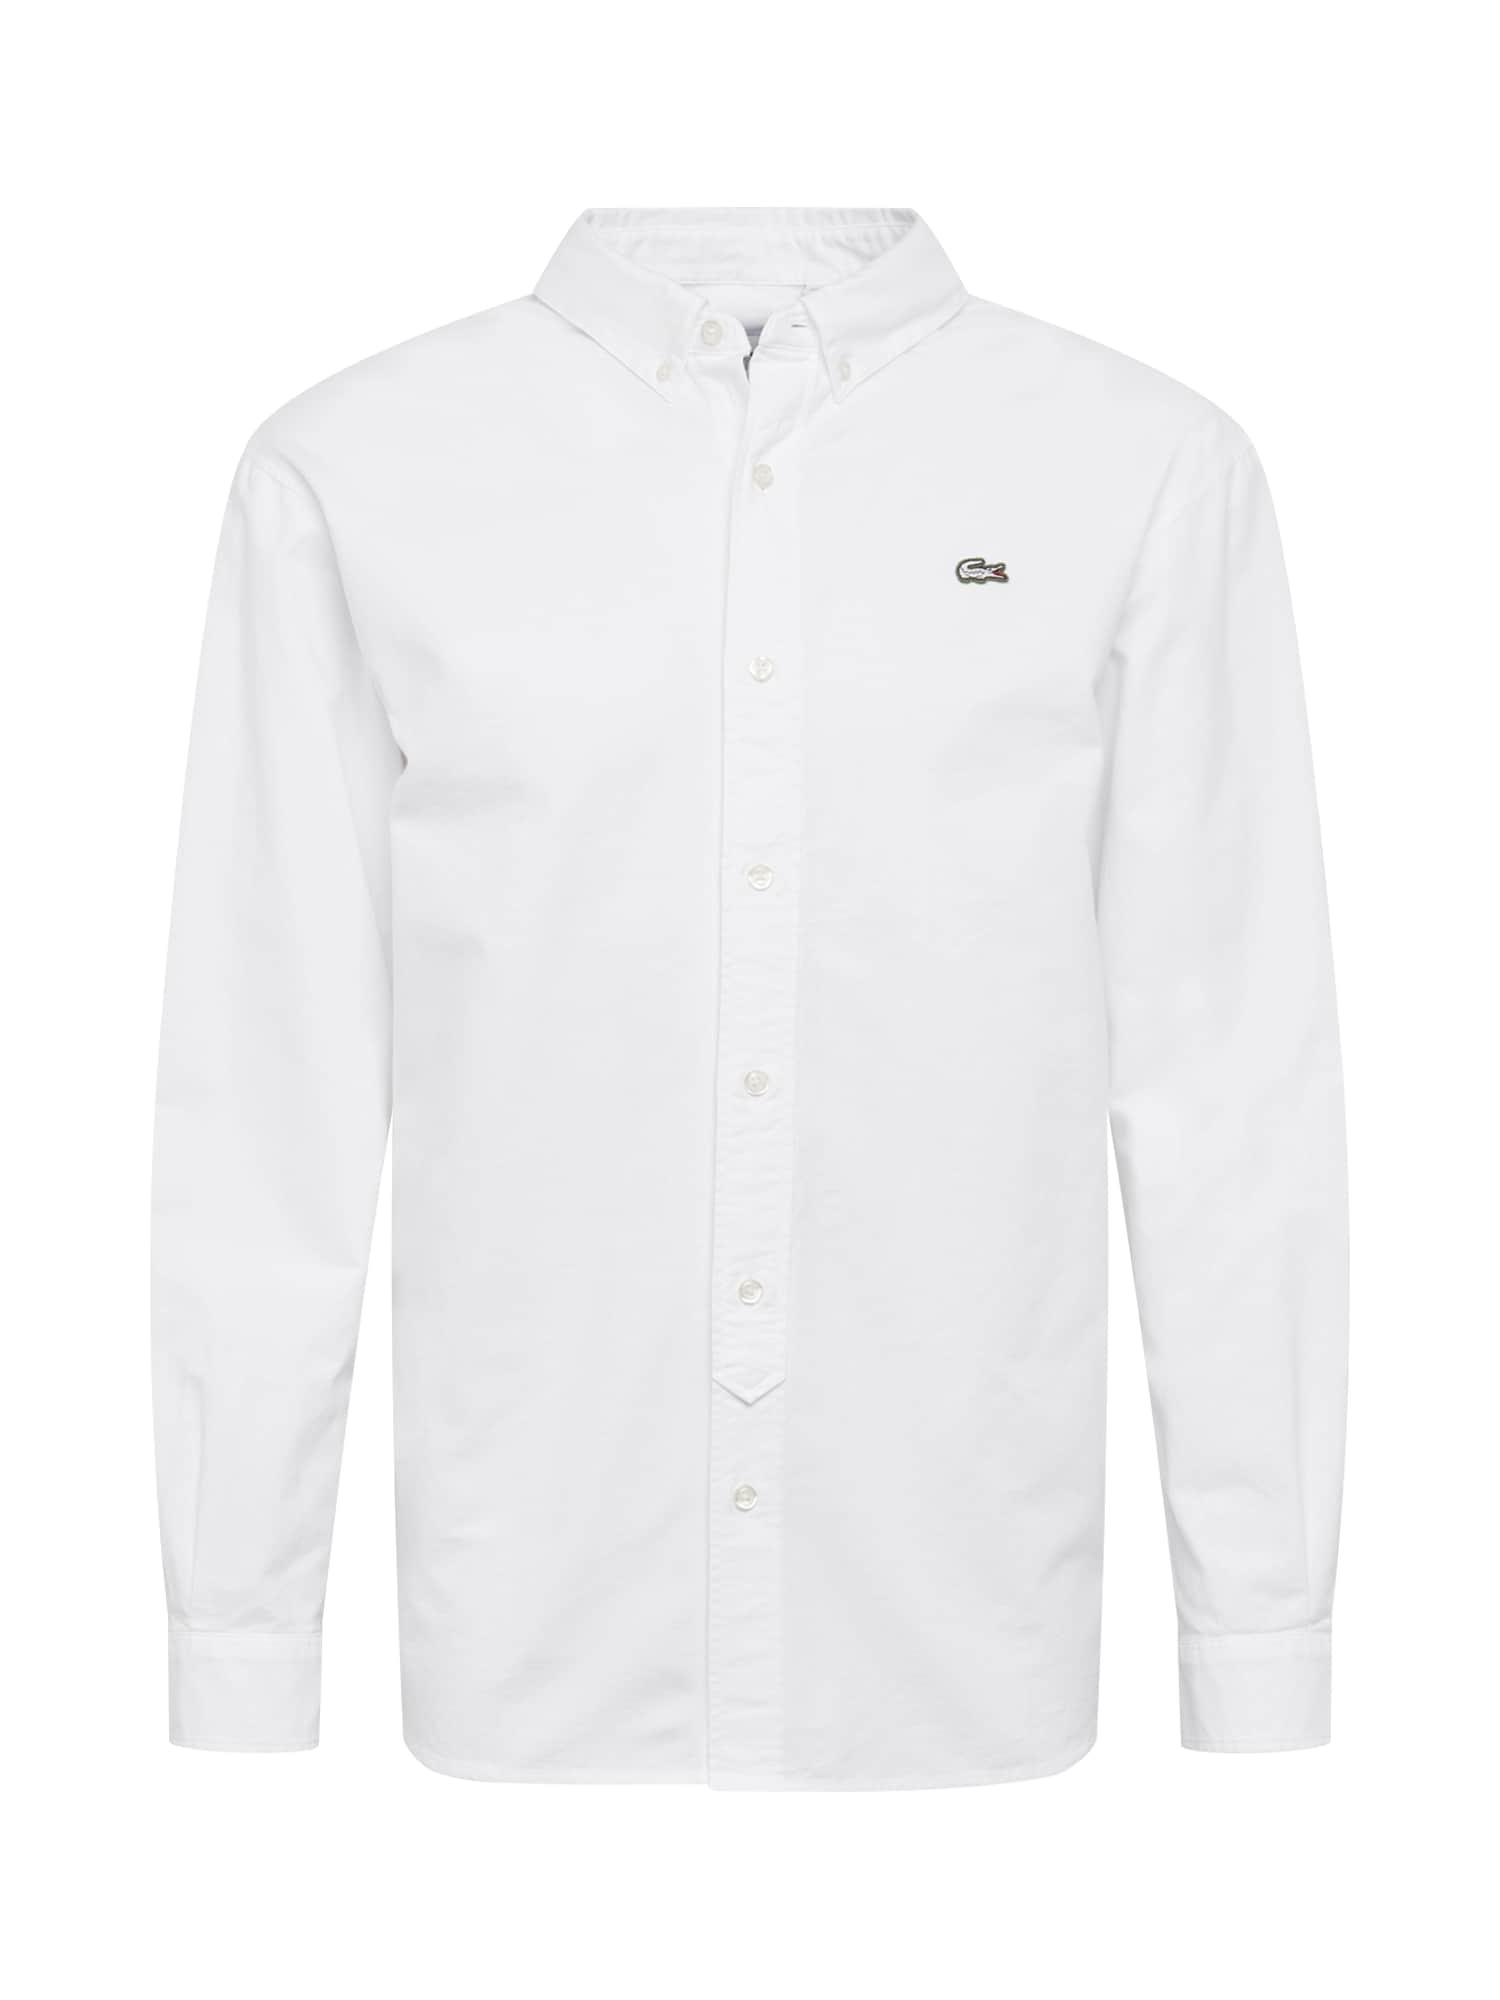 Společenská košile CHEMISE MANCHES LONGUES bílá Lacoste LIVE